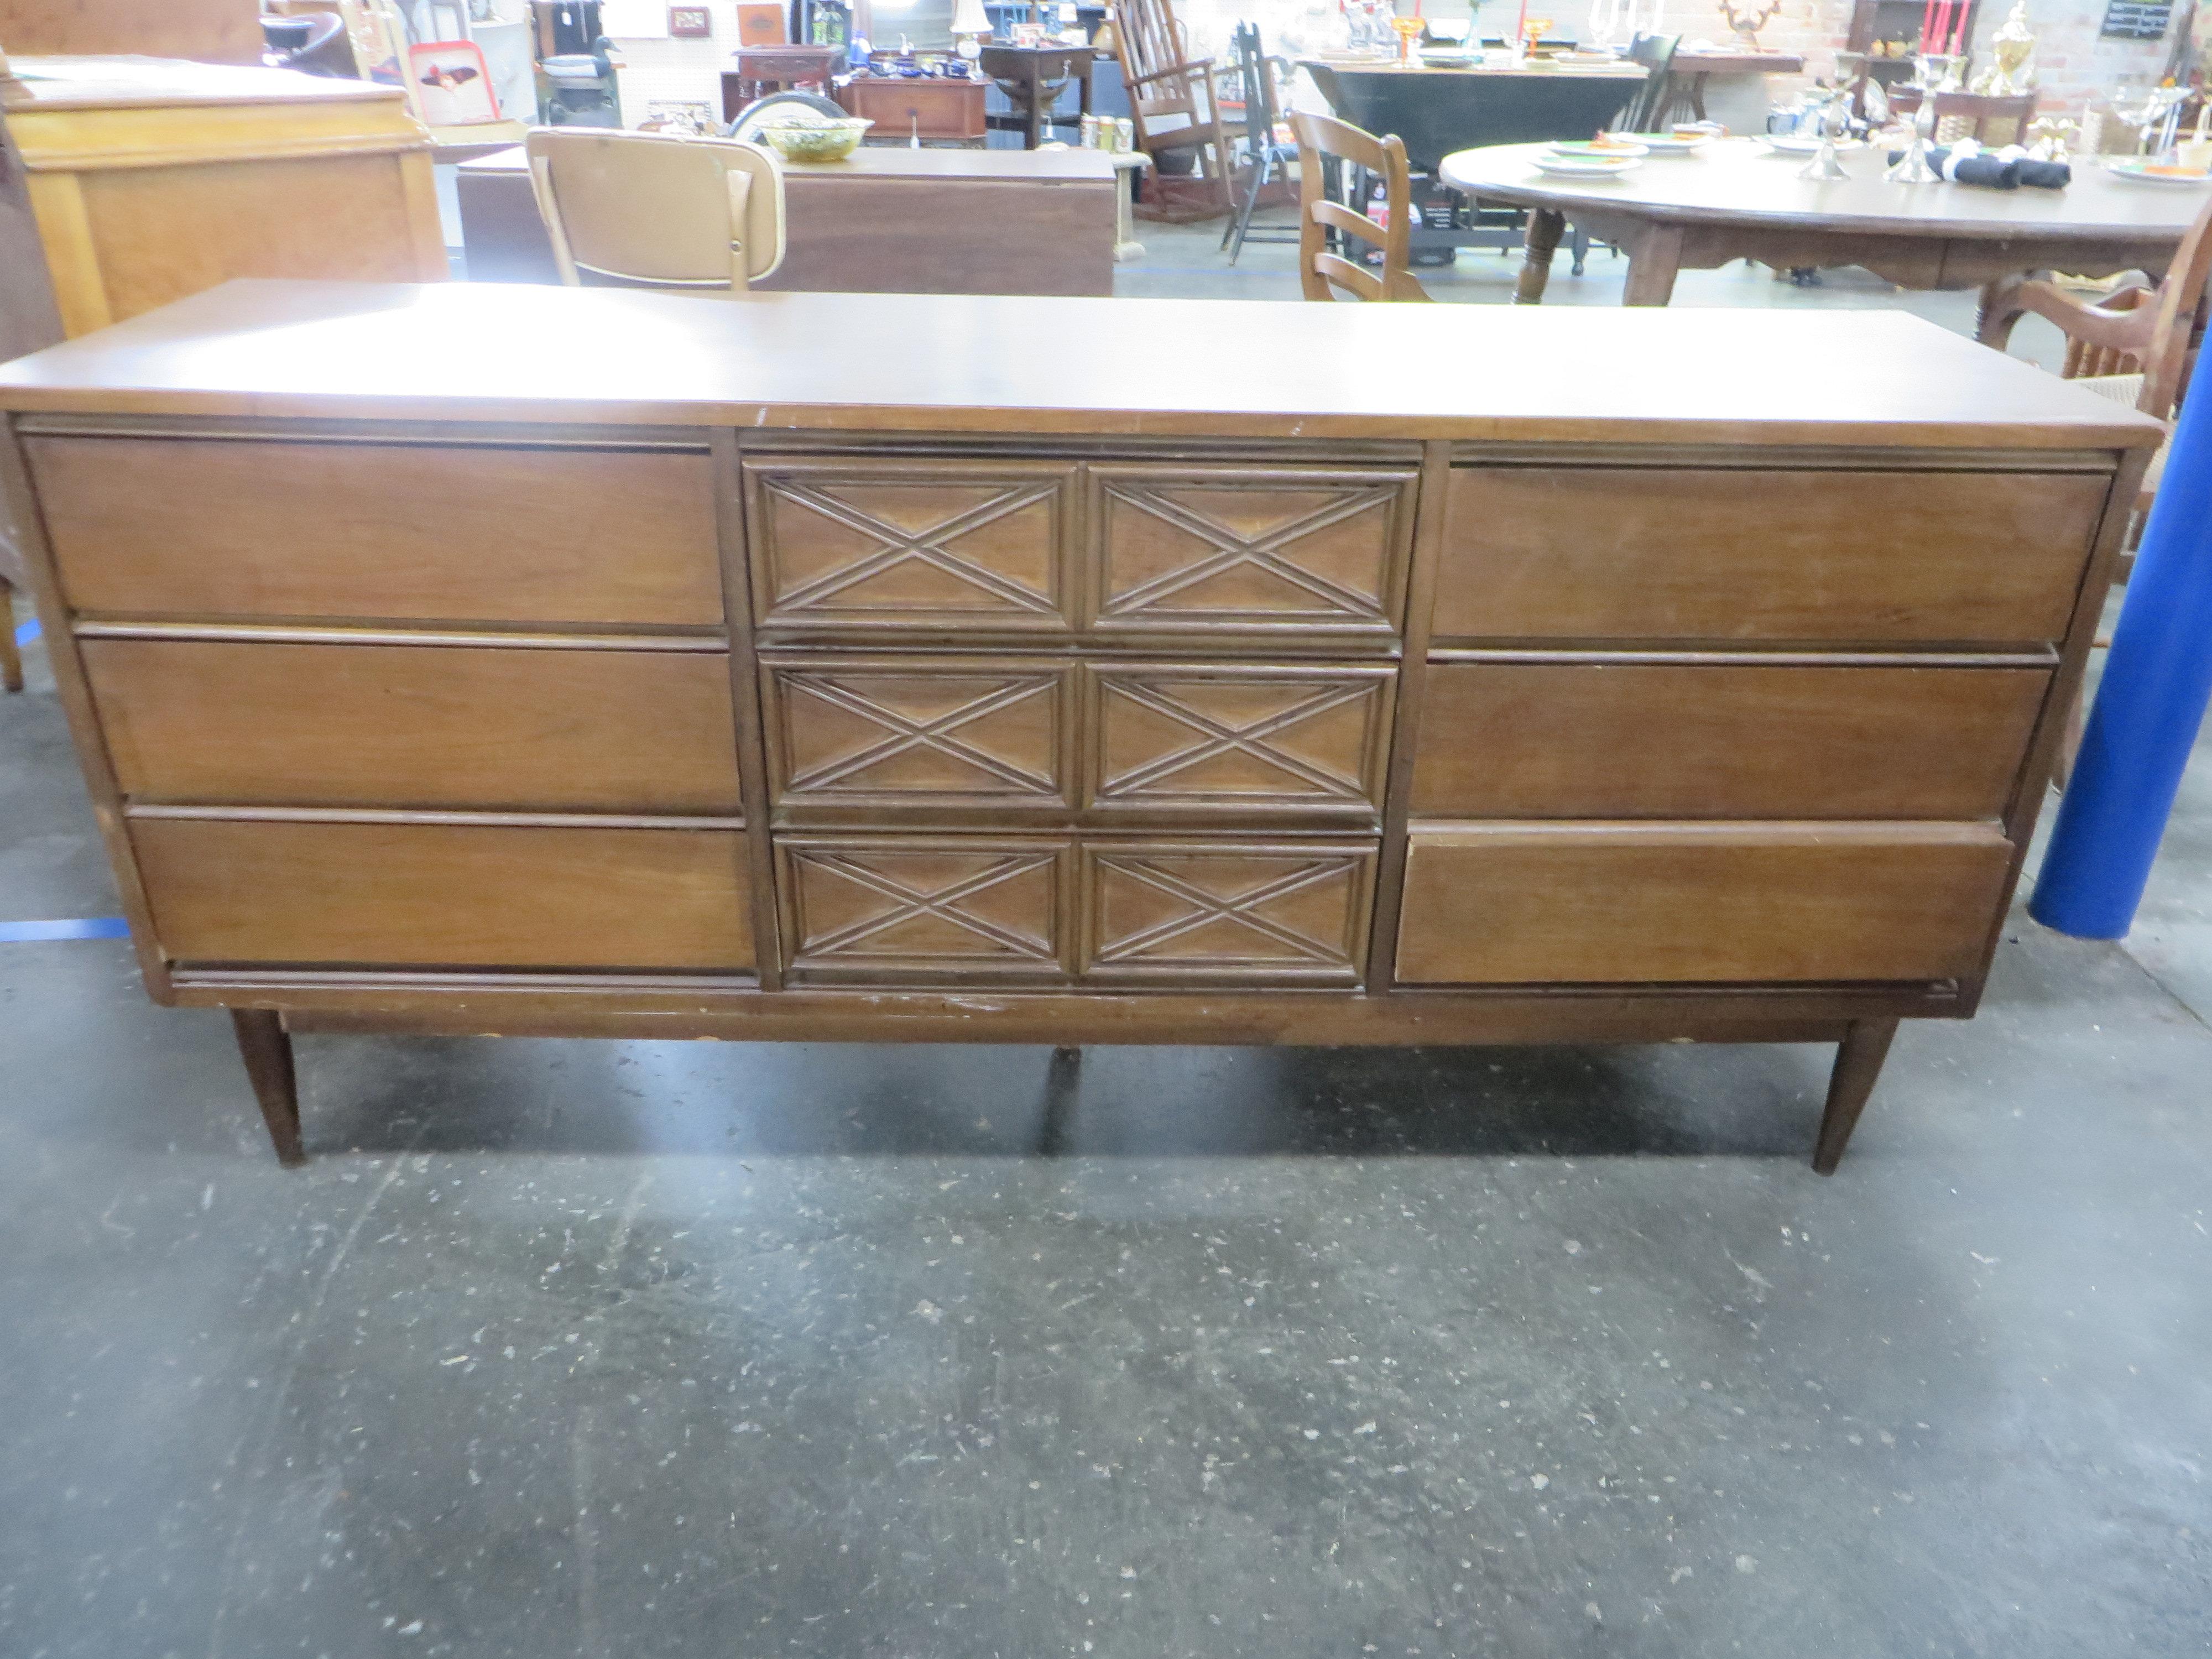 Vintage Bassett Furniture Mid Century 9 Drawer Dresser Credenza